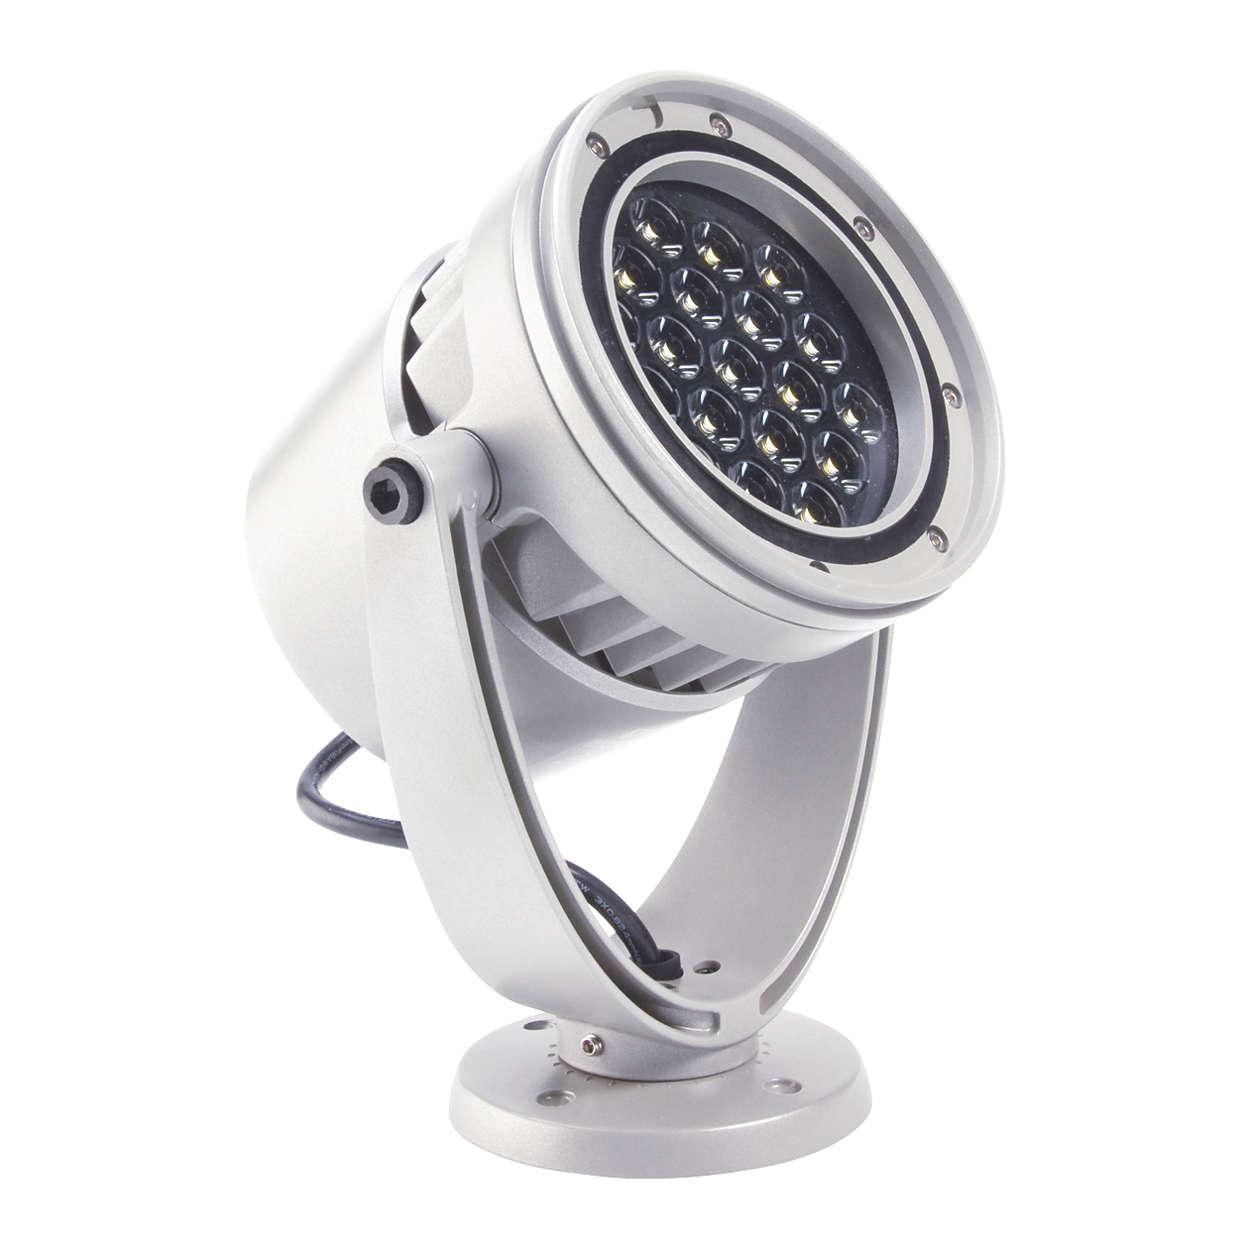 eW Burst Powercore – projecteur blanc d'extérieur à haut rendement pour l'éclairage d'accentuation et l'éclairage des sites